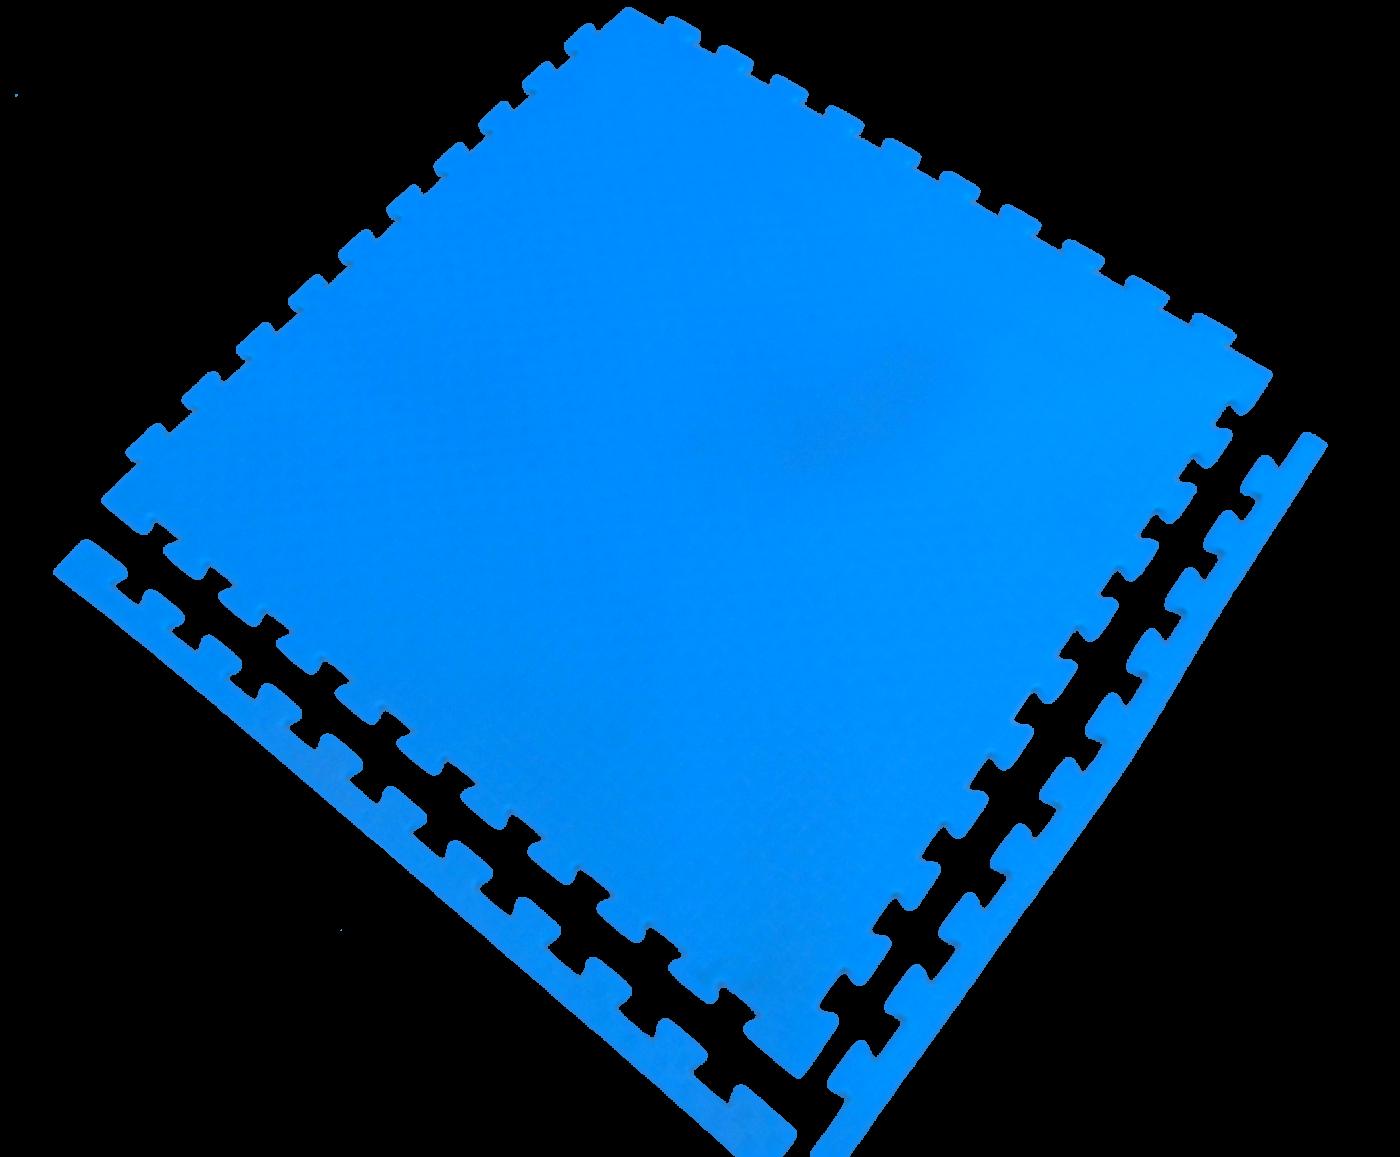 Мягкий пол универсальный 60*60 (см) синий с кромками